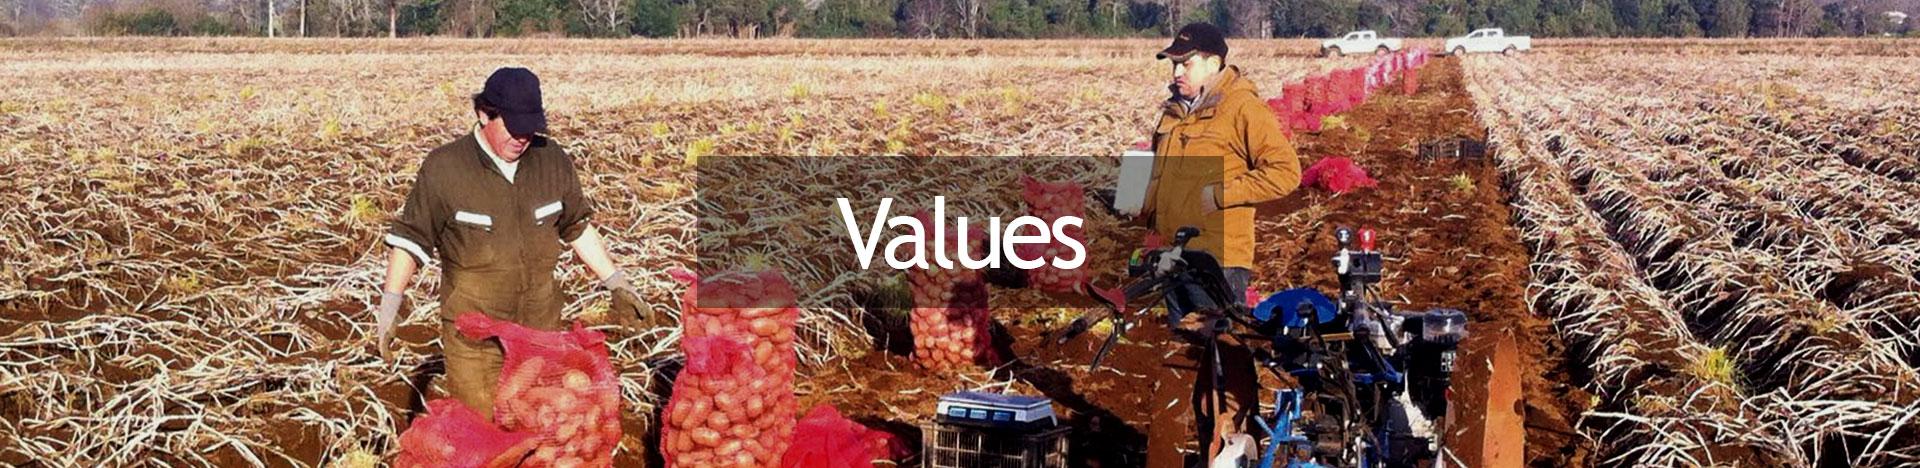 valores-ingles